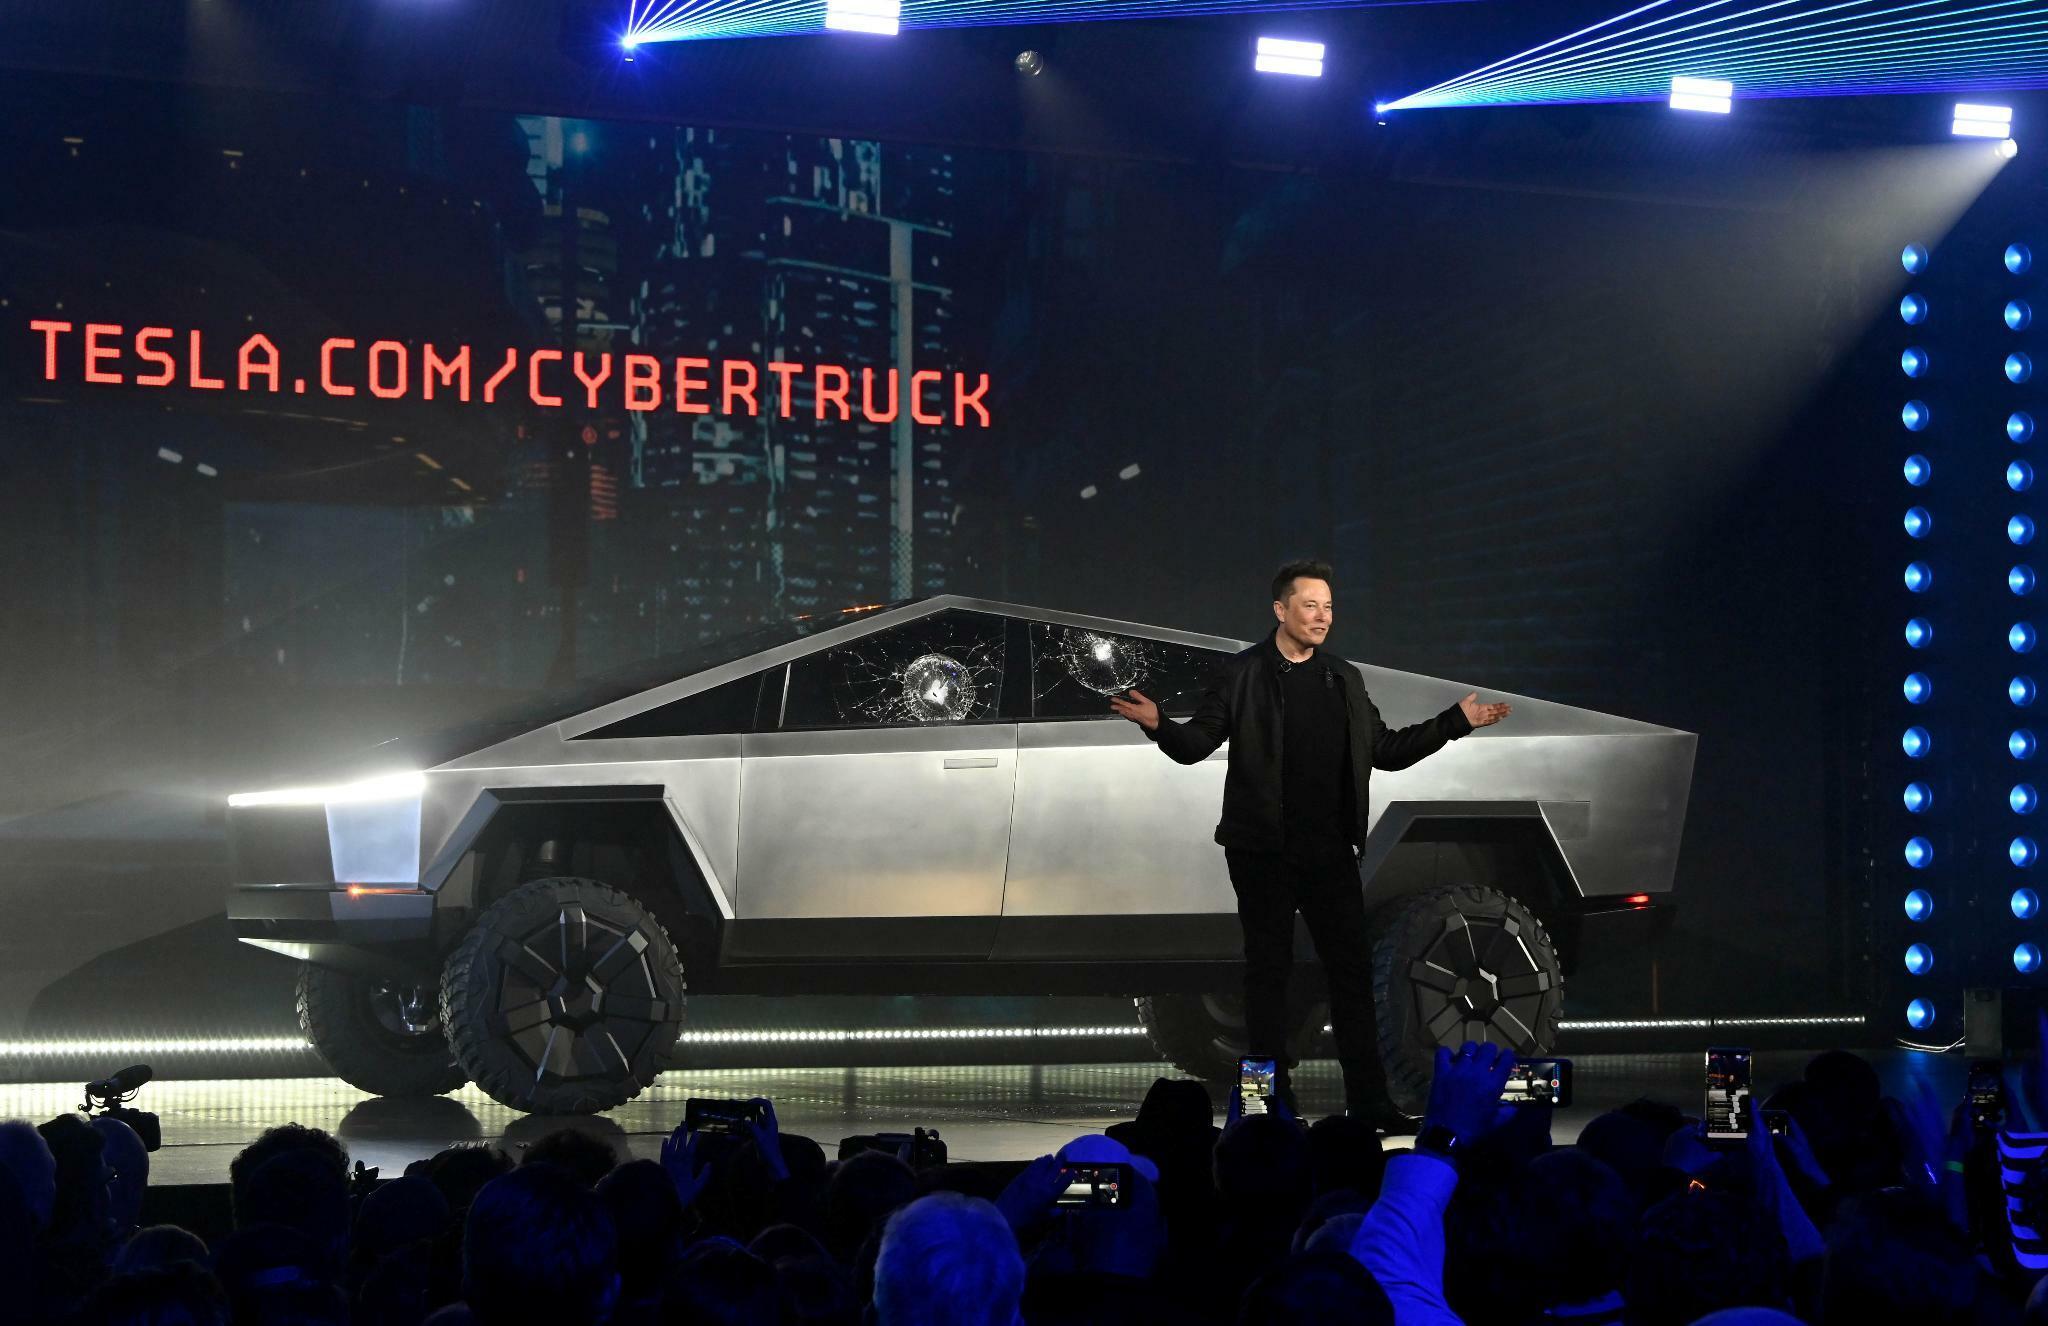 Tesla: Elon Musk rammt mit dem Cybertruck ein Schild